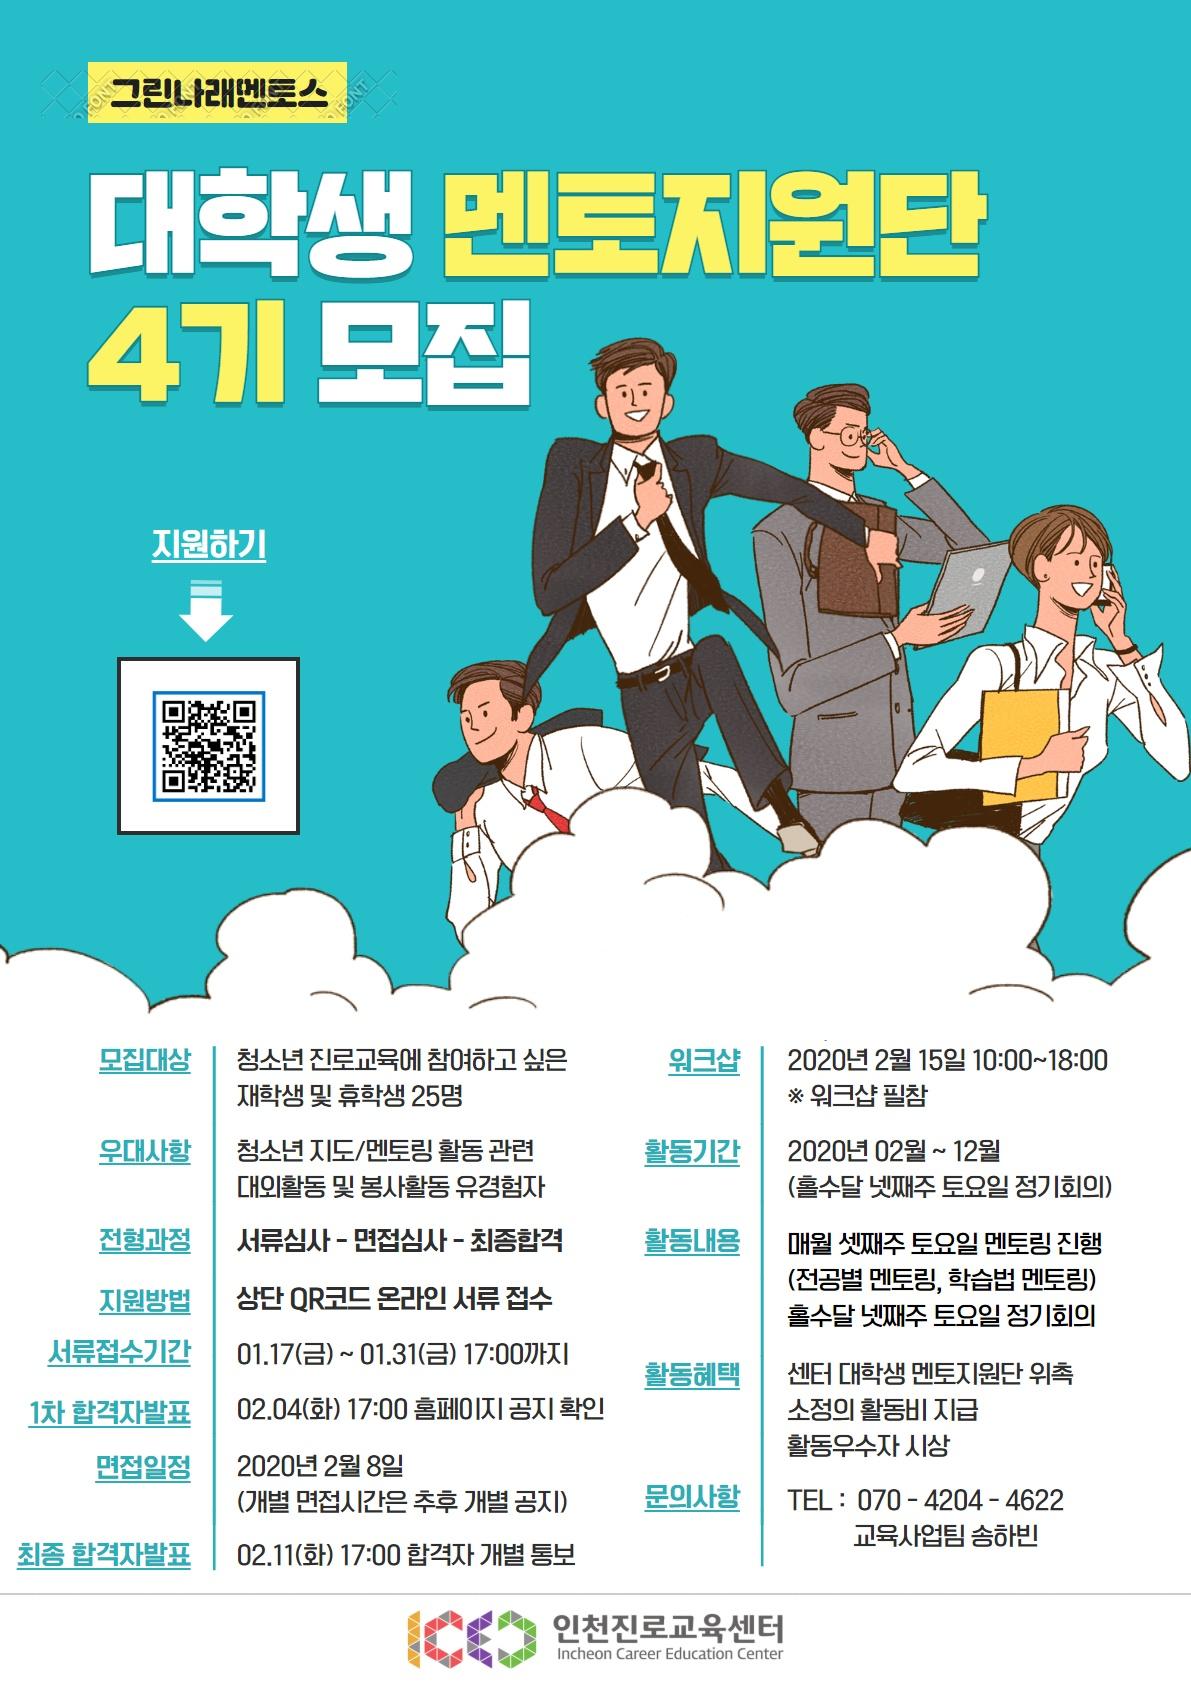 [인천진로교육센터] 대학생멘토지원단 『그린나래멘토스』4기 모집